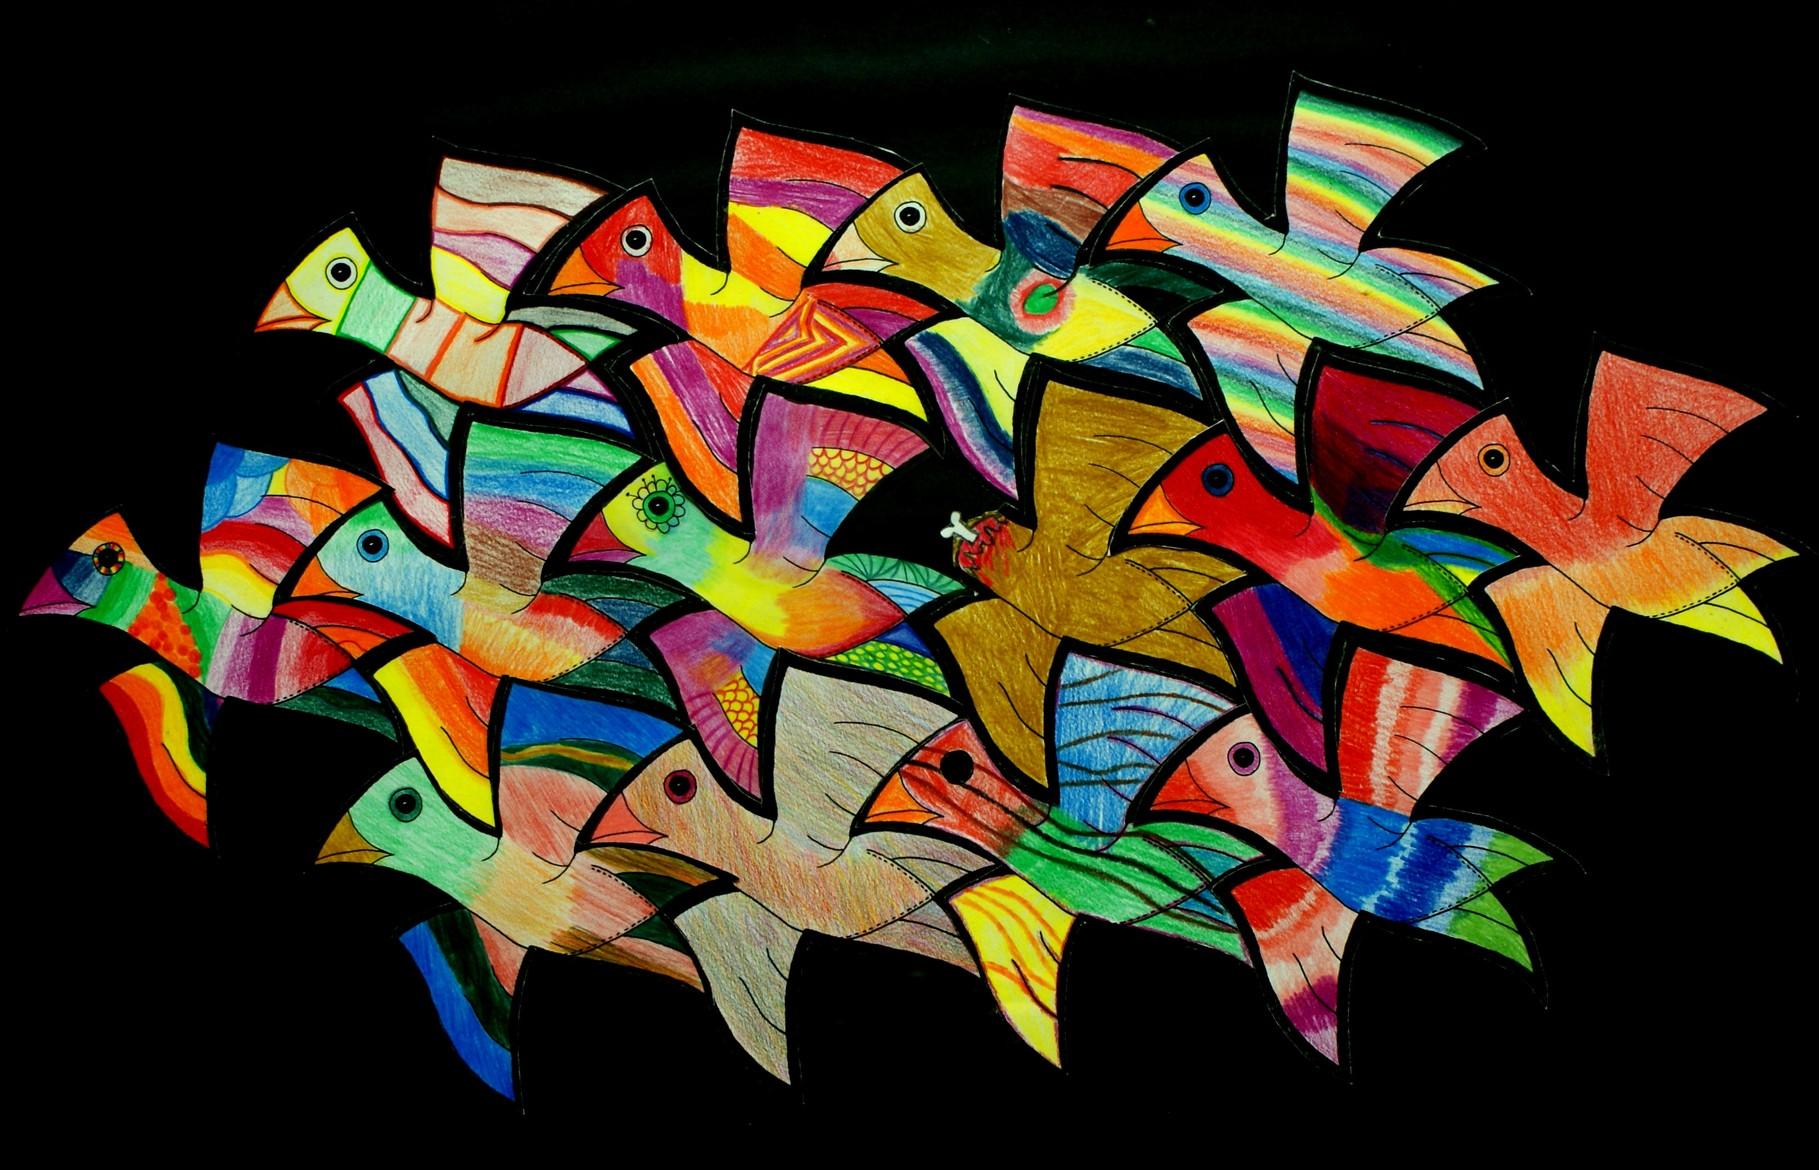 Groepsopdracht In De Stijl Van M C Escher De Website